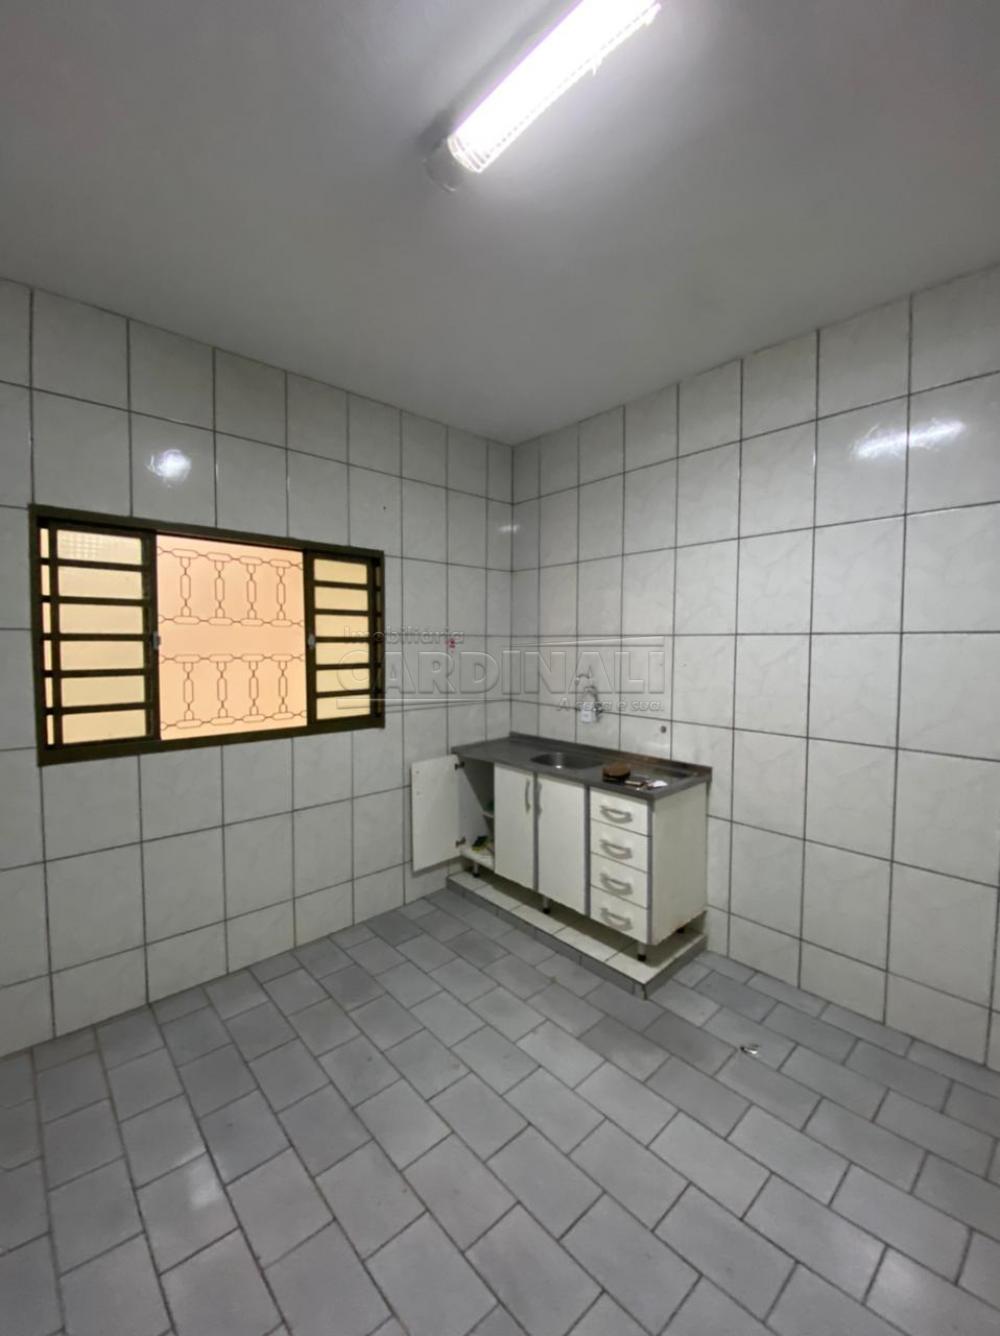 Alugar Casa / Padrão em São Carlos R$ 1.112,00 - Foto 6